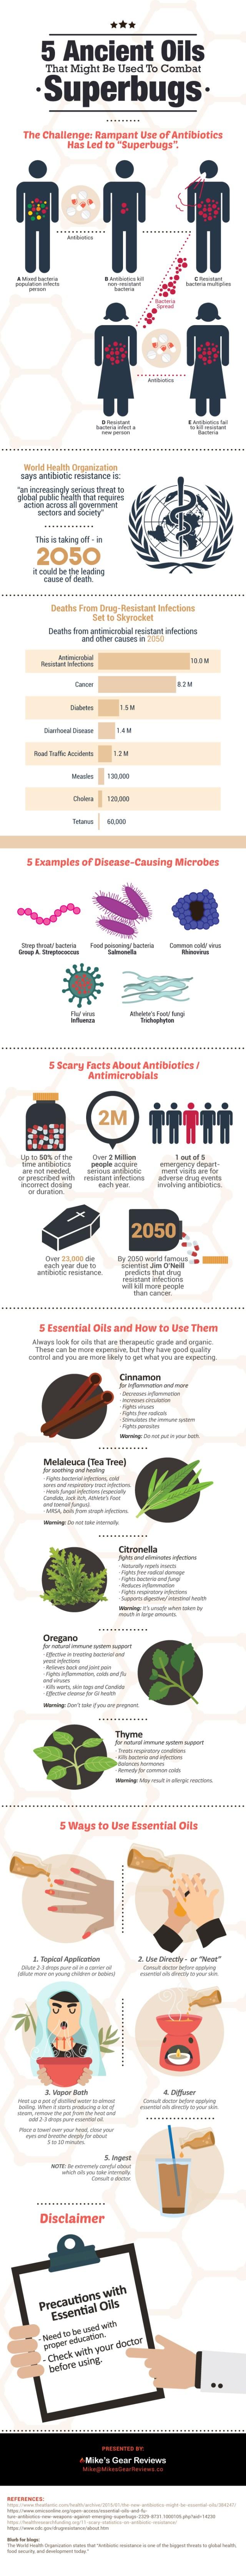 5 ancient oils